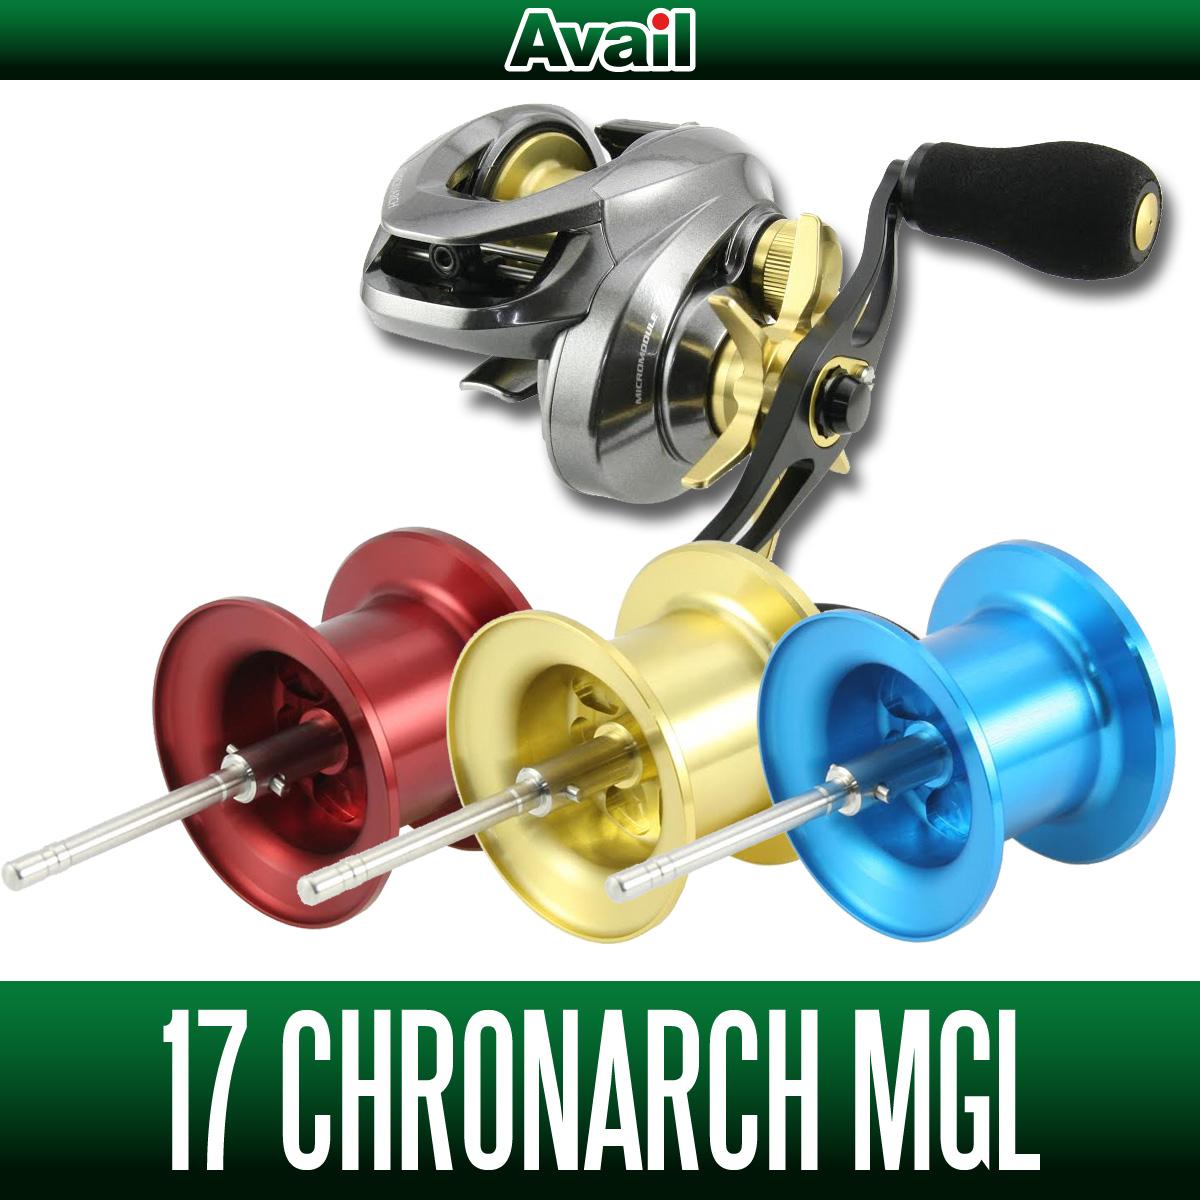 【Avail/アベイル】 シマノ 17クロナークMGL用 NEWマイクロキャストスプール 【17CRNC60RI】